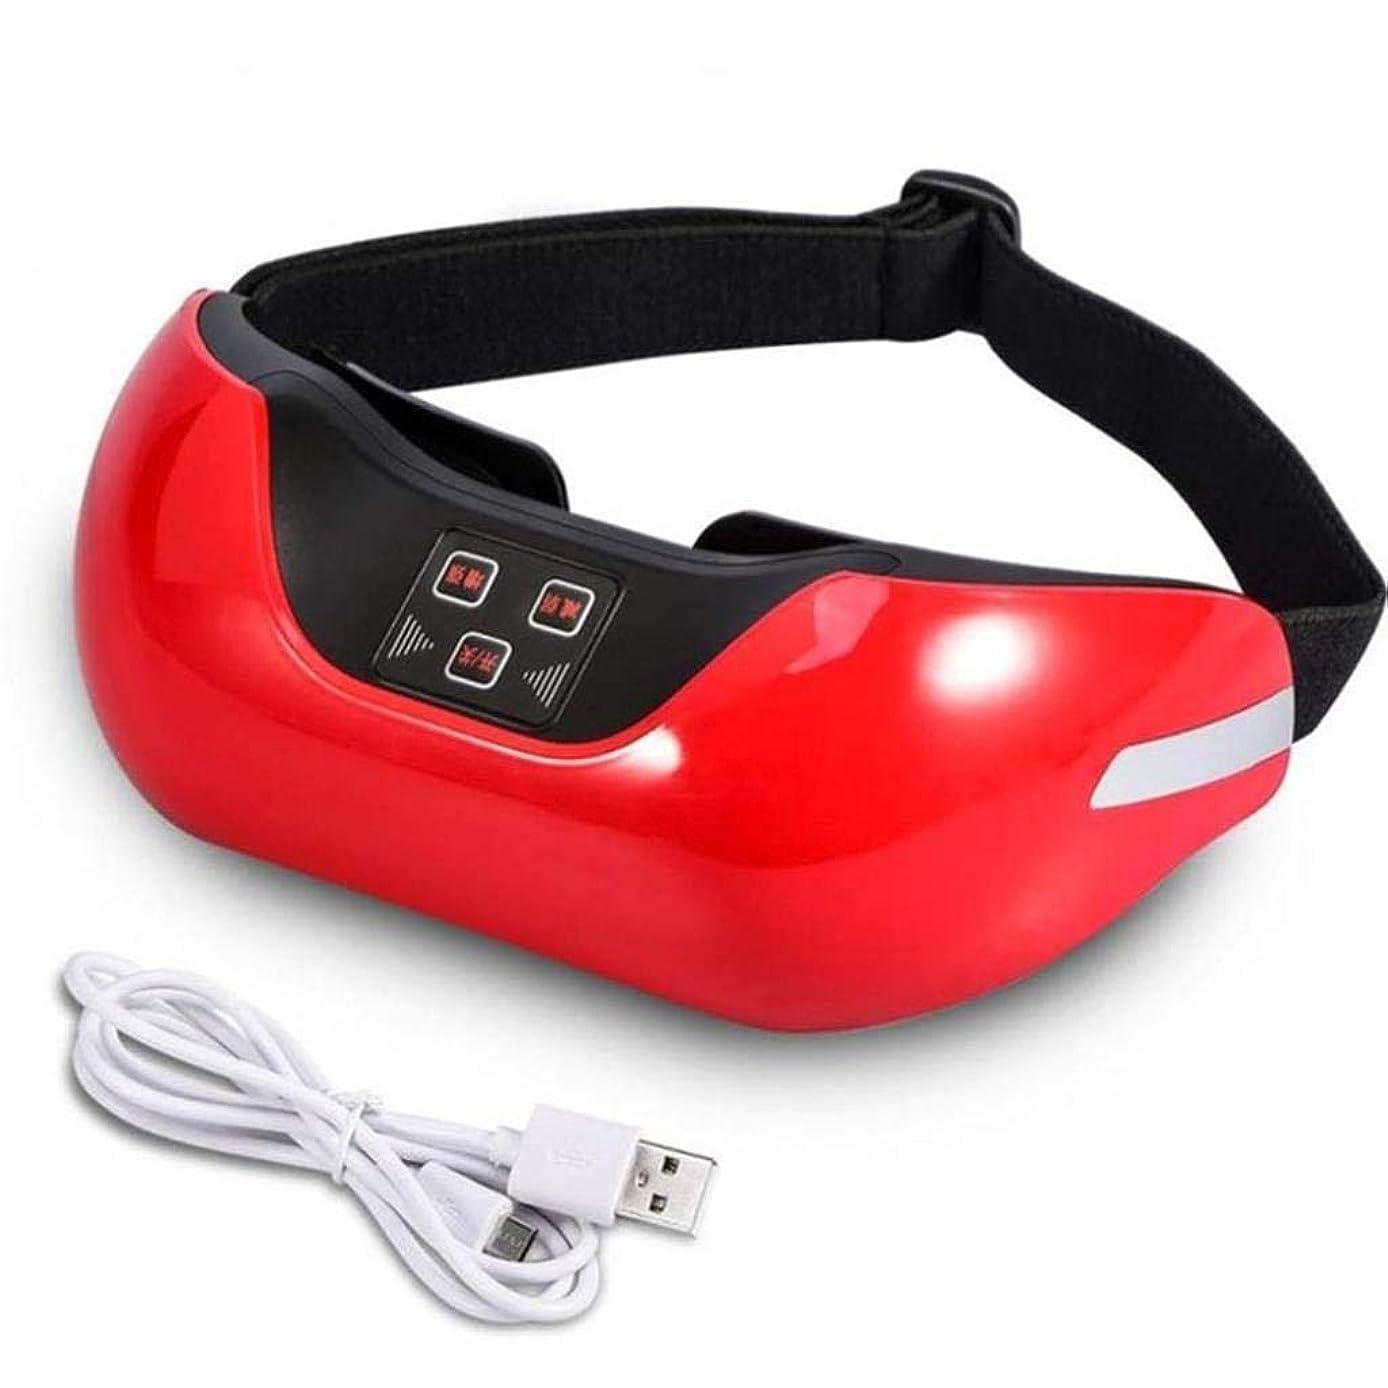 異常東方唯物論アイマッサージャー、ワイヤレス3D充電式グリーンアイリカバリービジョン電動マッサージャー、修復ビジョンマッサージャー、アイケアツールは血液循環を促進し、疲労を和らげます (Color : Red)